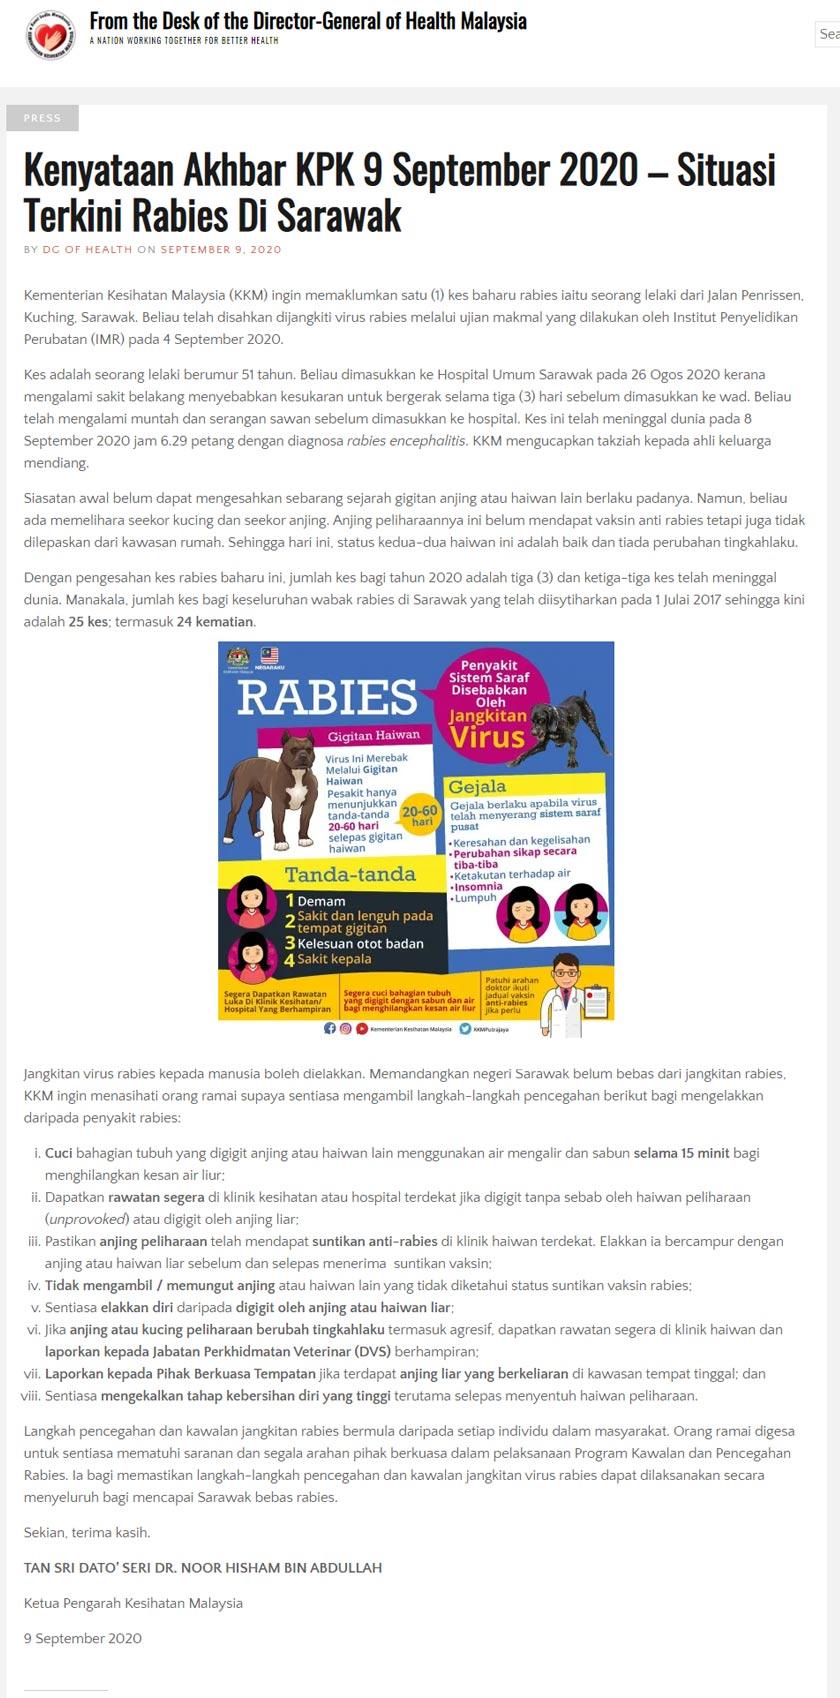 Kenyataan Akhbar terkini oleh Kementerian Kesihatan Malaysia (KKM).